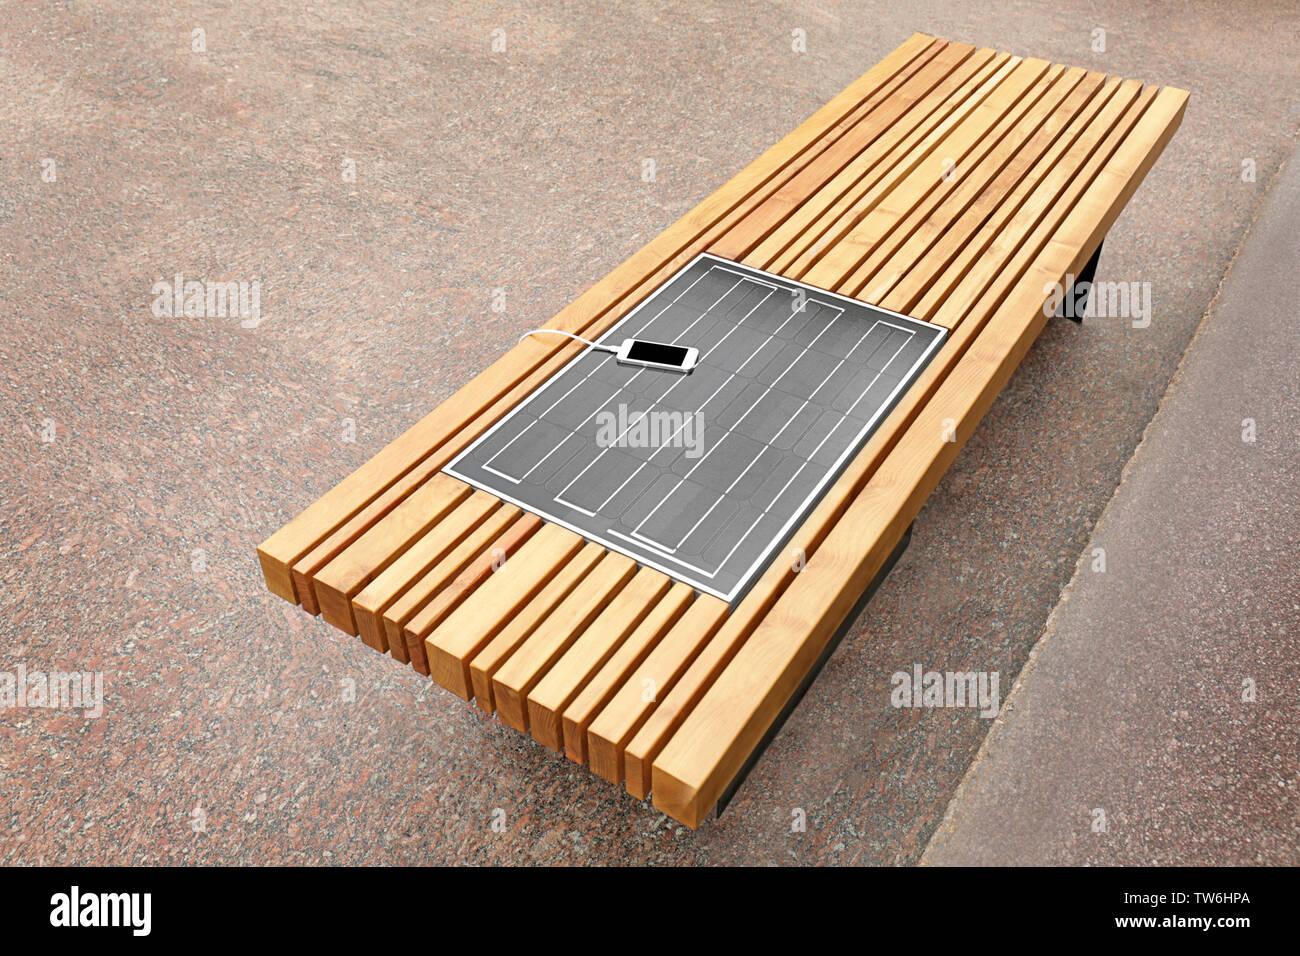 Teléfono móvil de carga en el banco de trabajo con panel solar Imagen De Stock